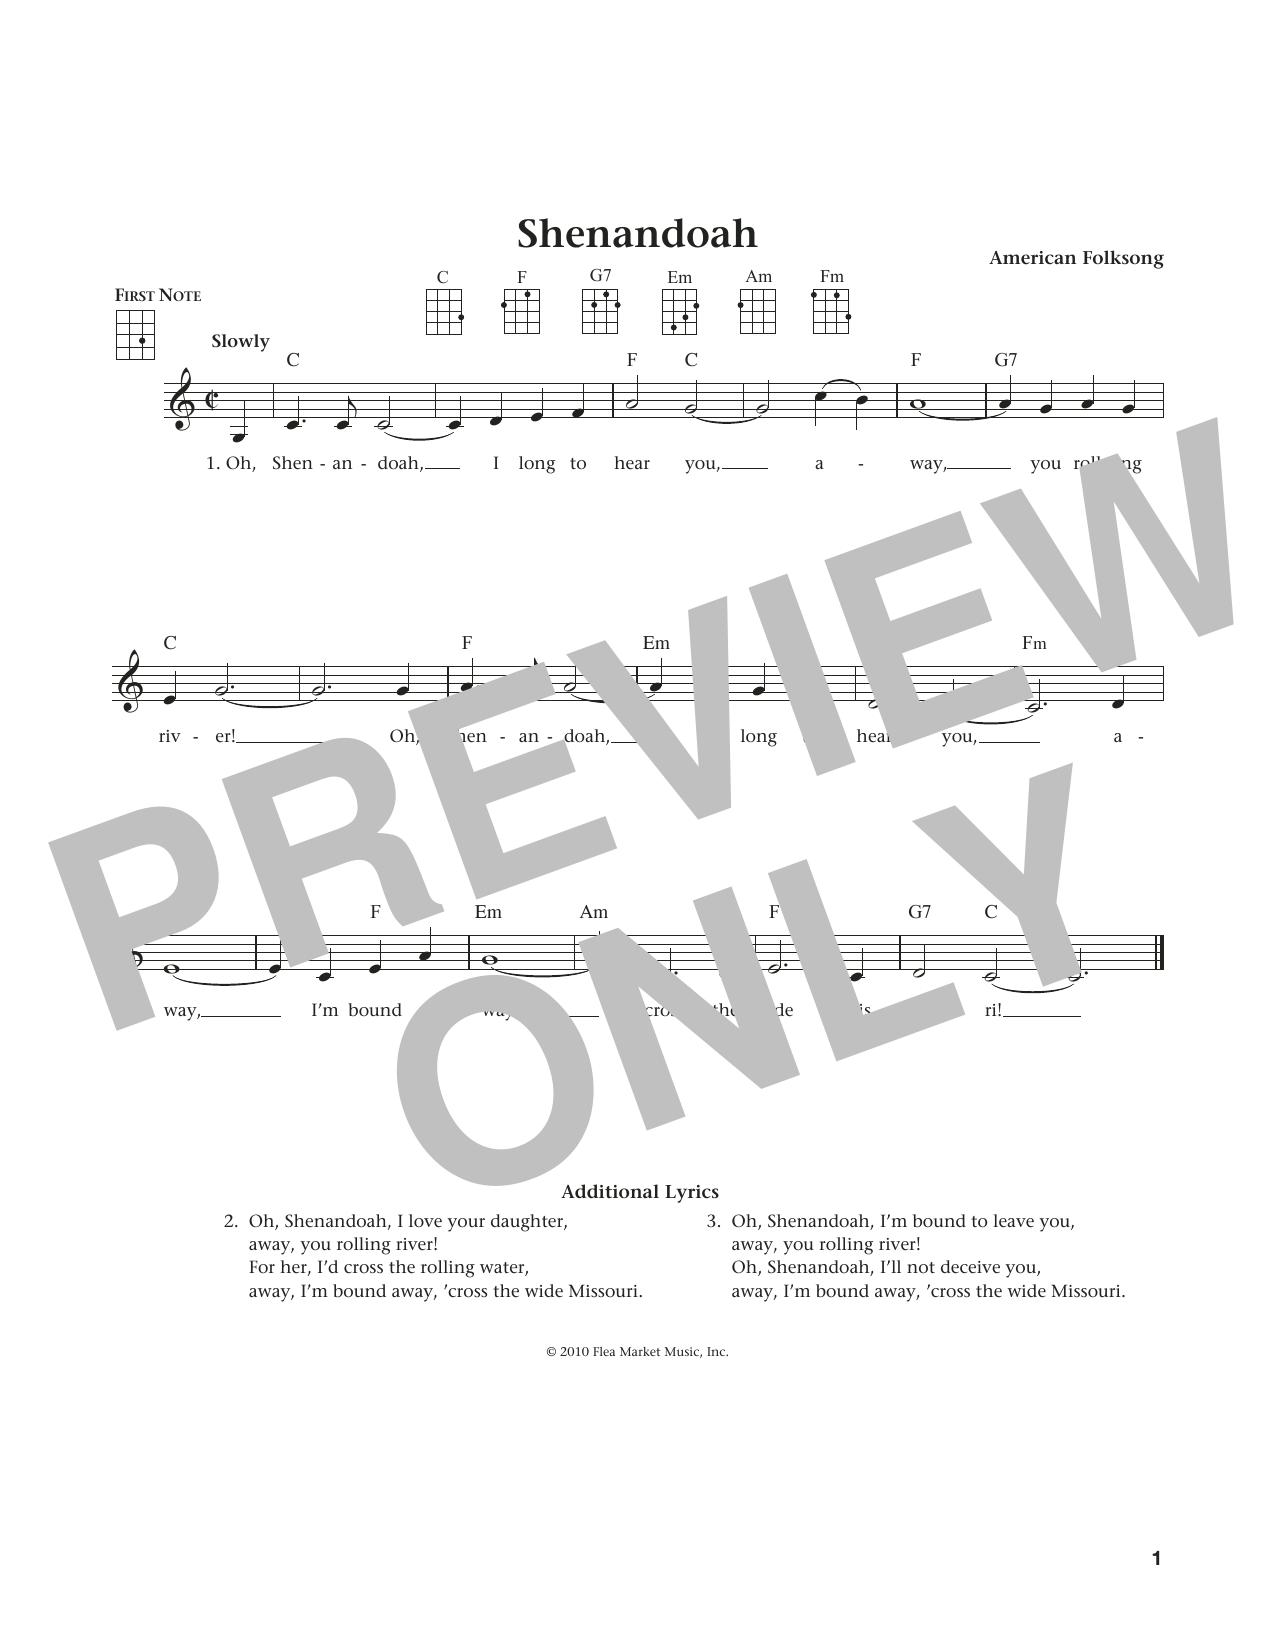 American Folksong Shenandoah sheet music notes and chords